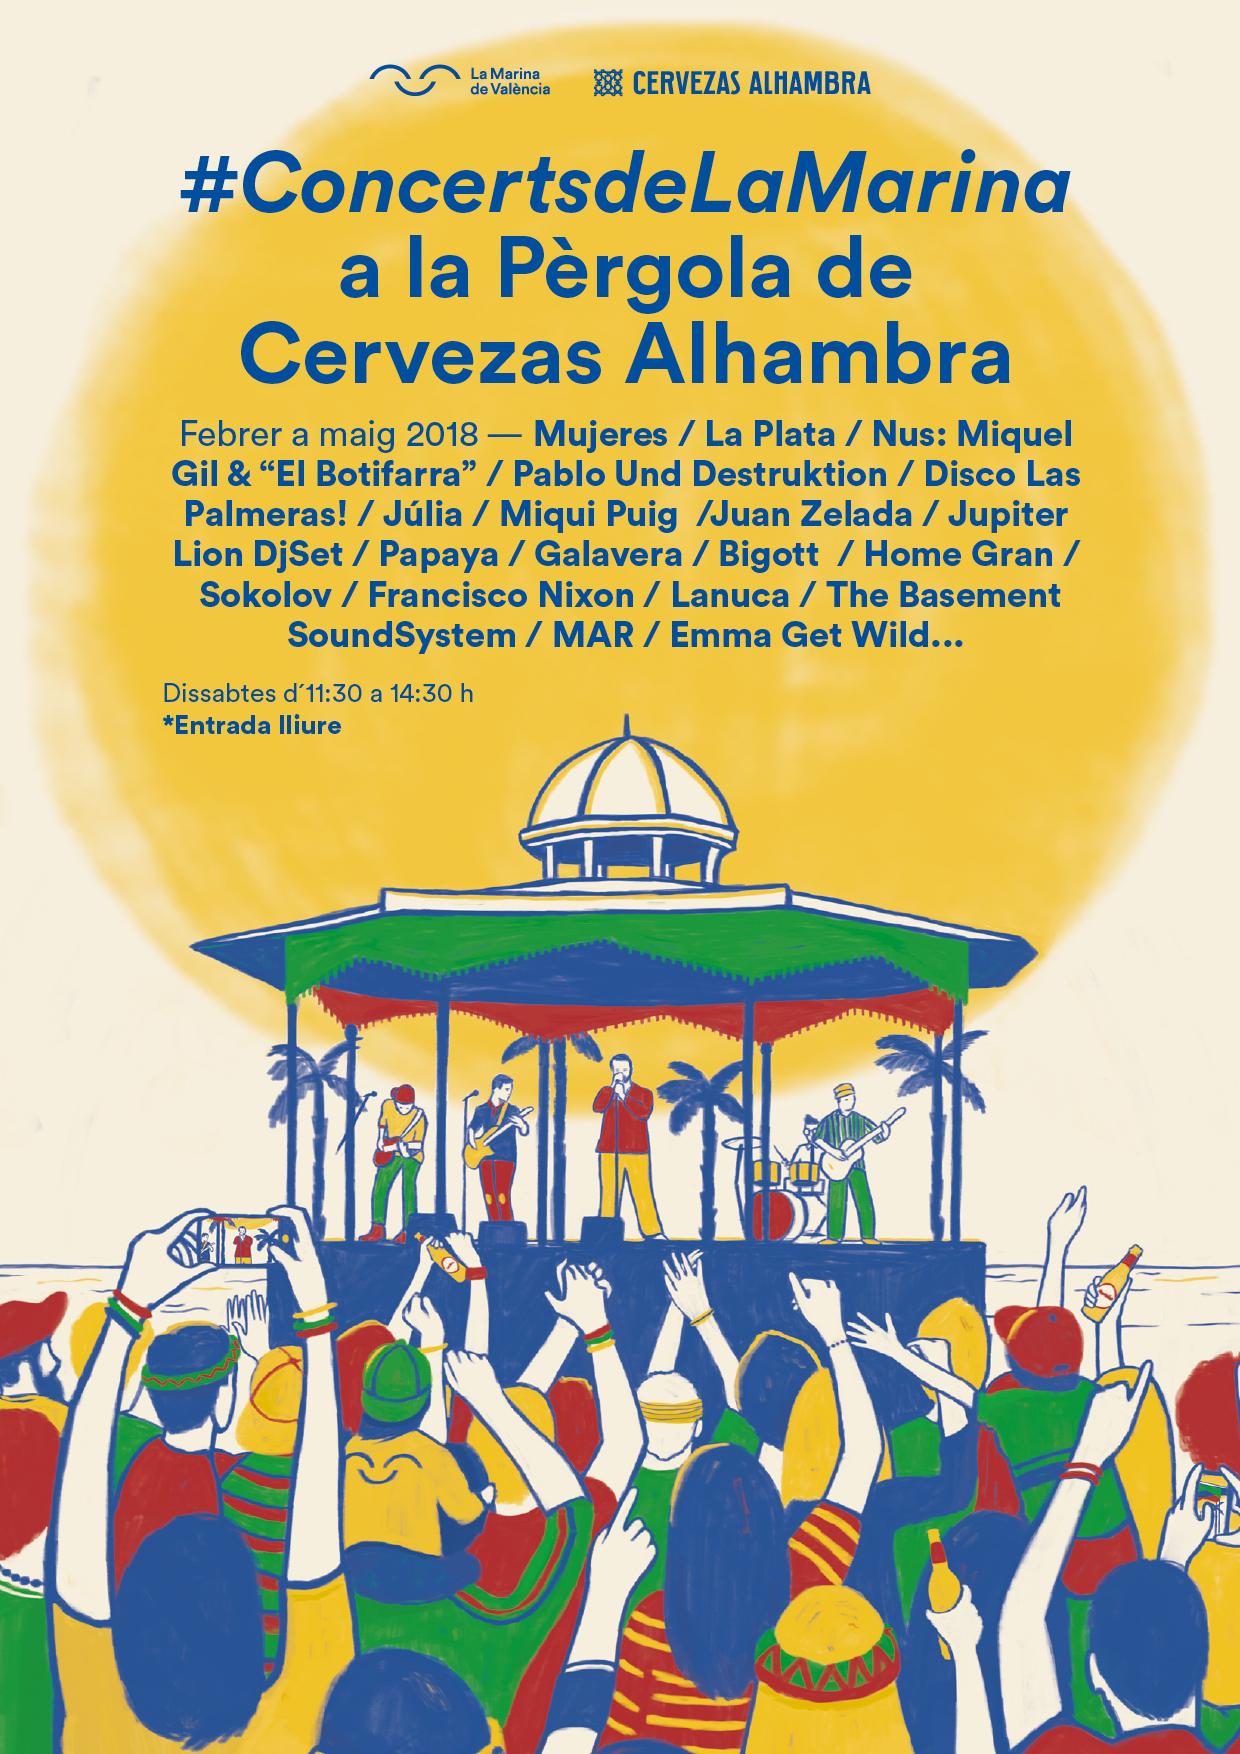 cartel_concerts_la_marina.lecoolvalencia